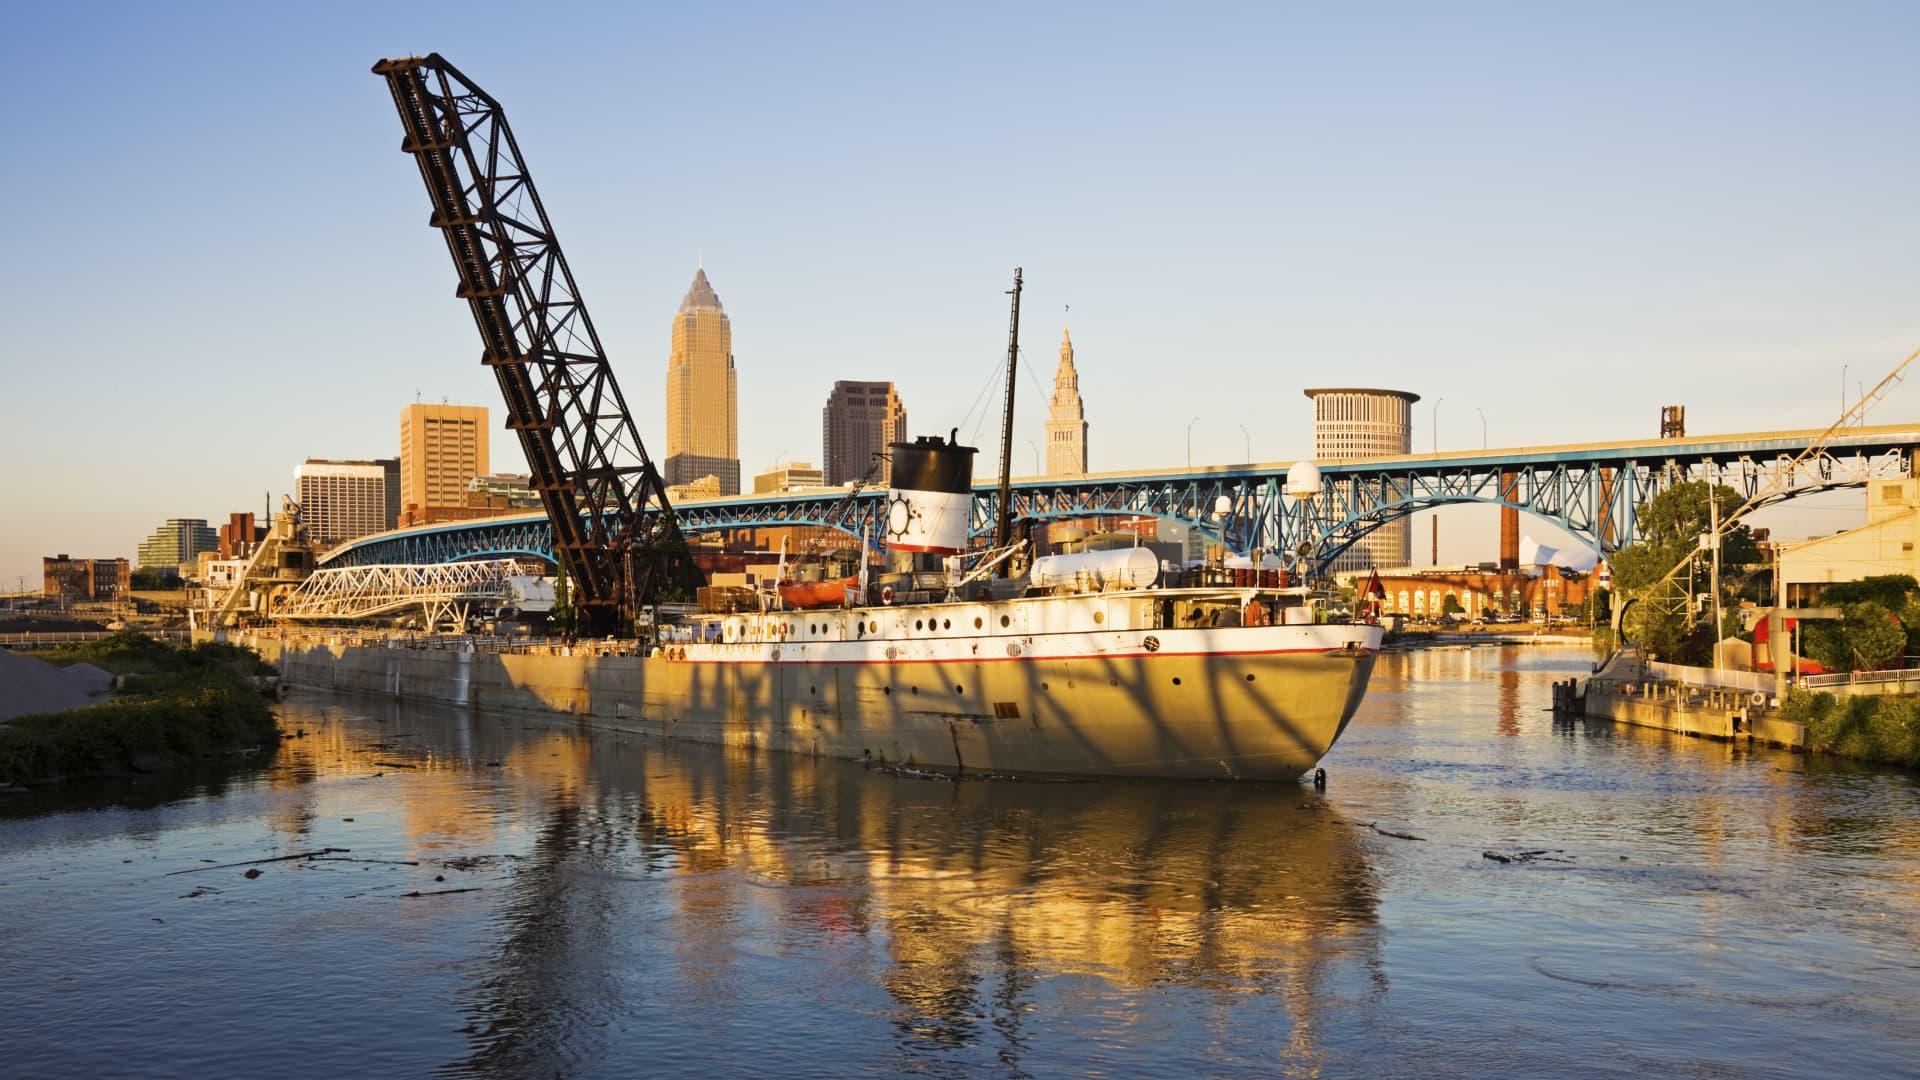 Large ship entering the port of Cleveland. Cleveland, Ohio.